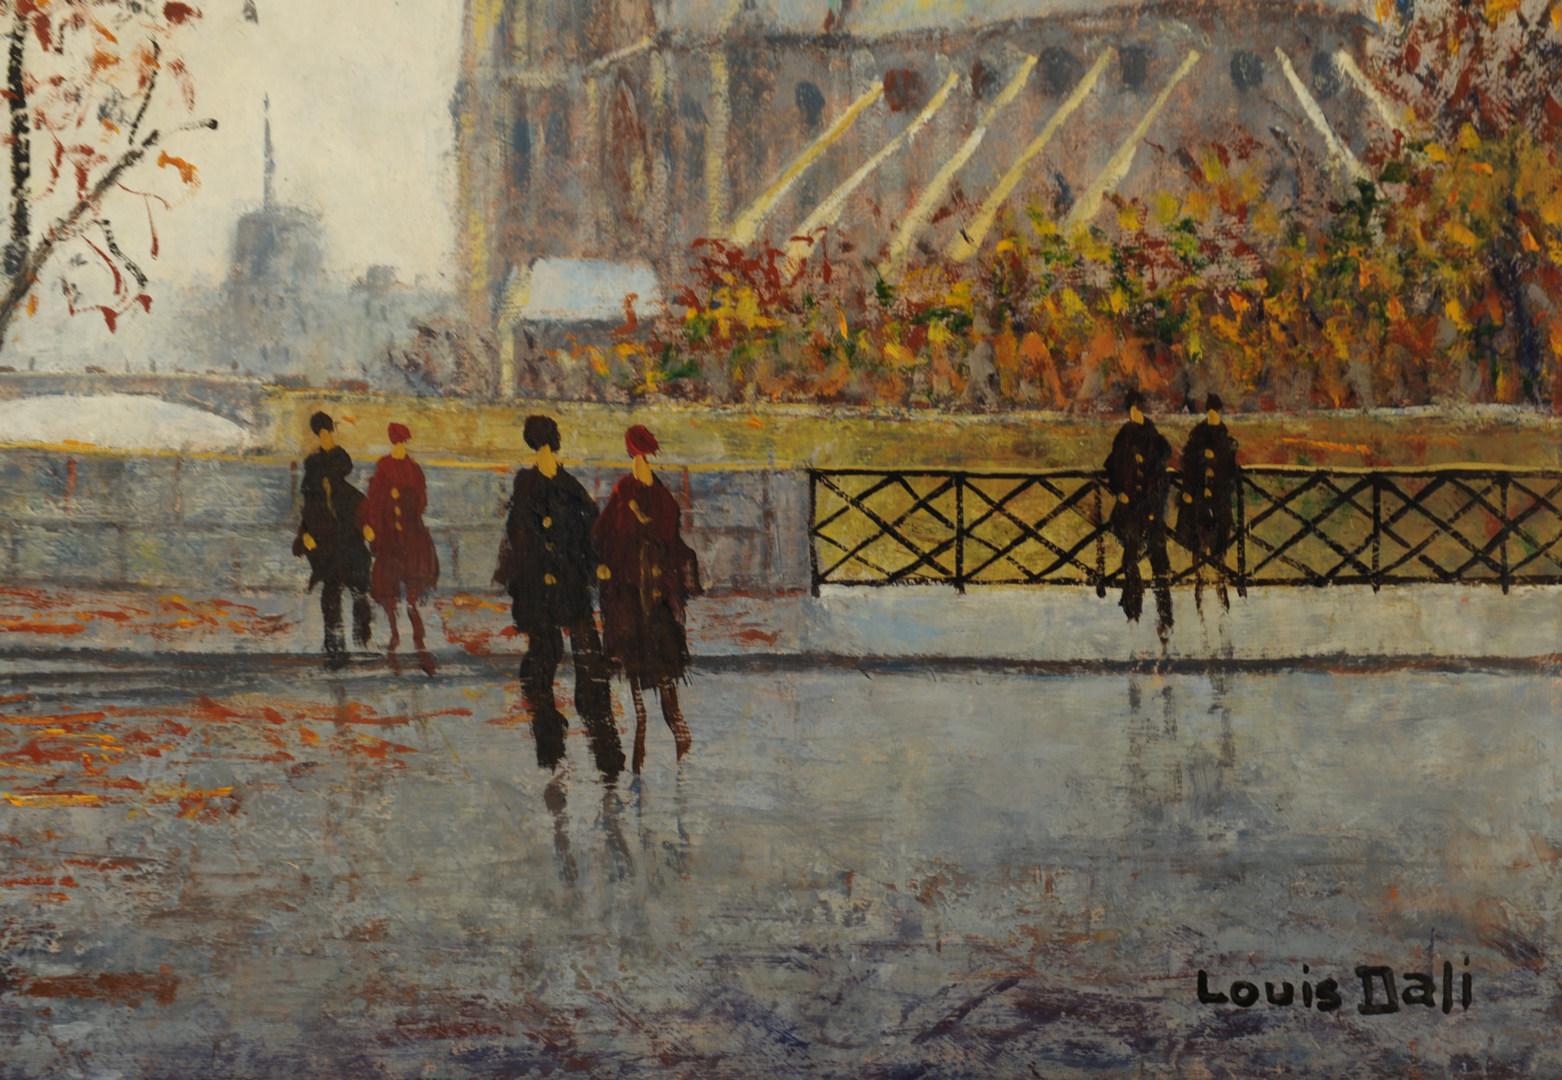 Lot 345: Louis Dali oil on canvas, Notre Dame